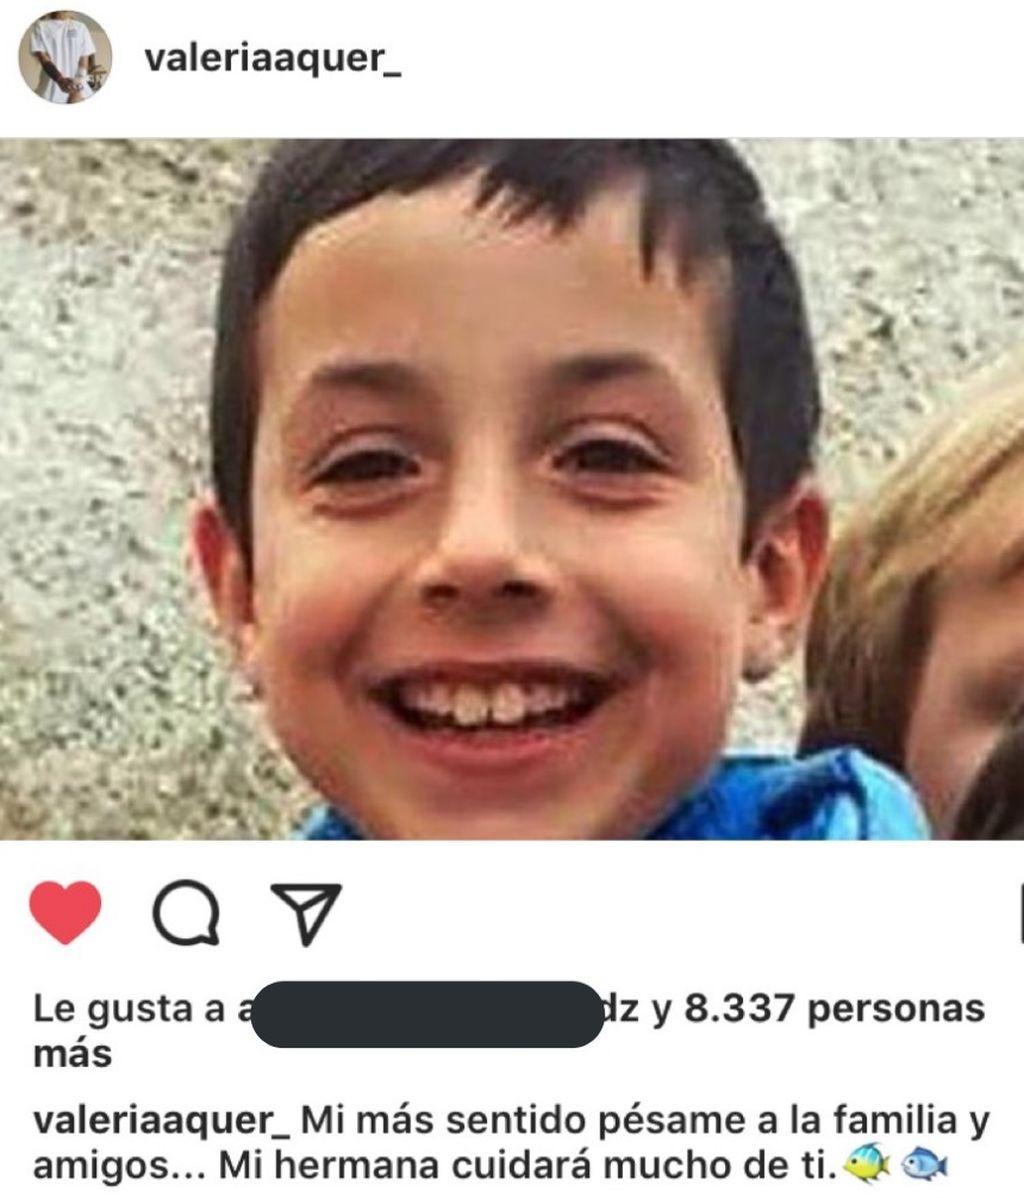 """Valeria Quer apoya a la familia de Gabriel Cruz: """"Mi hermana cuidará mucho de ti"""""""